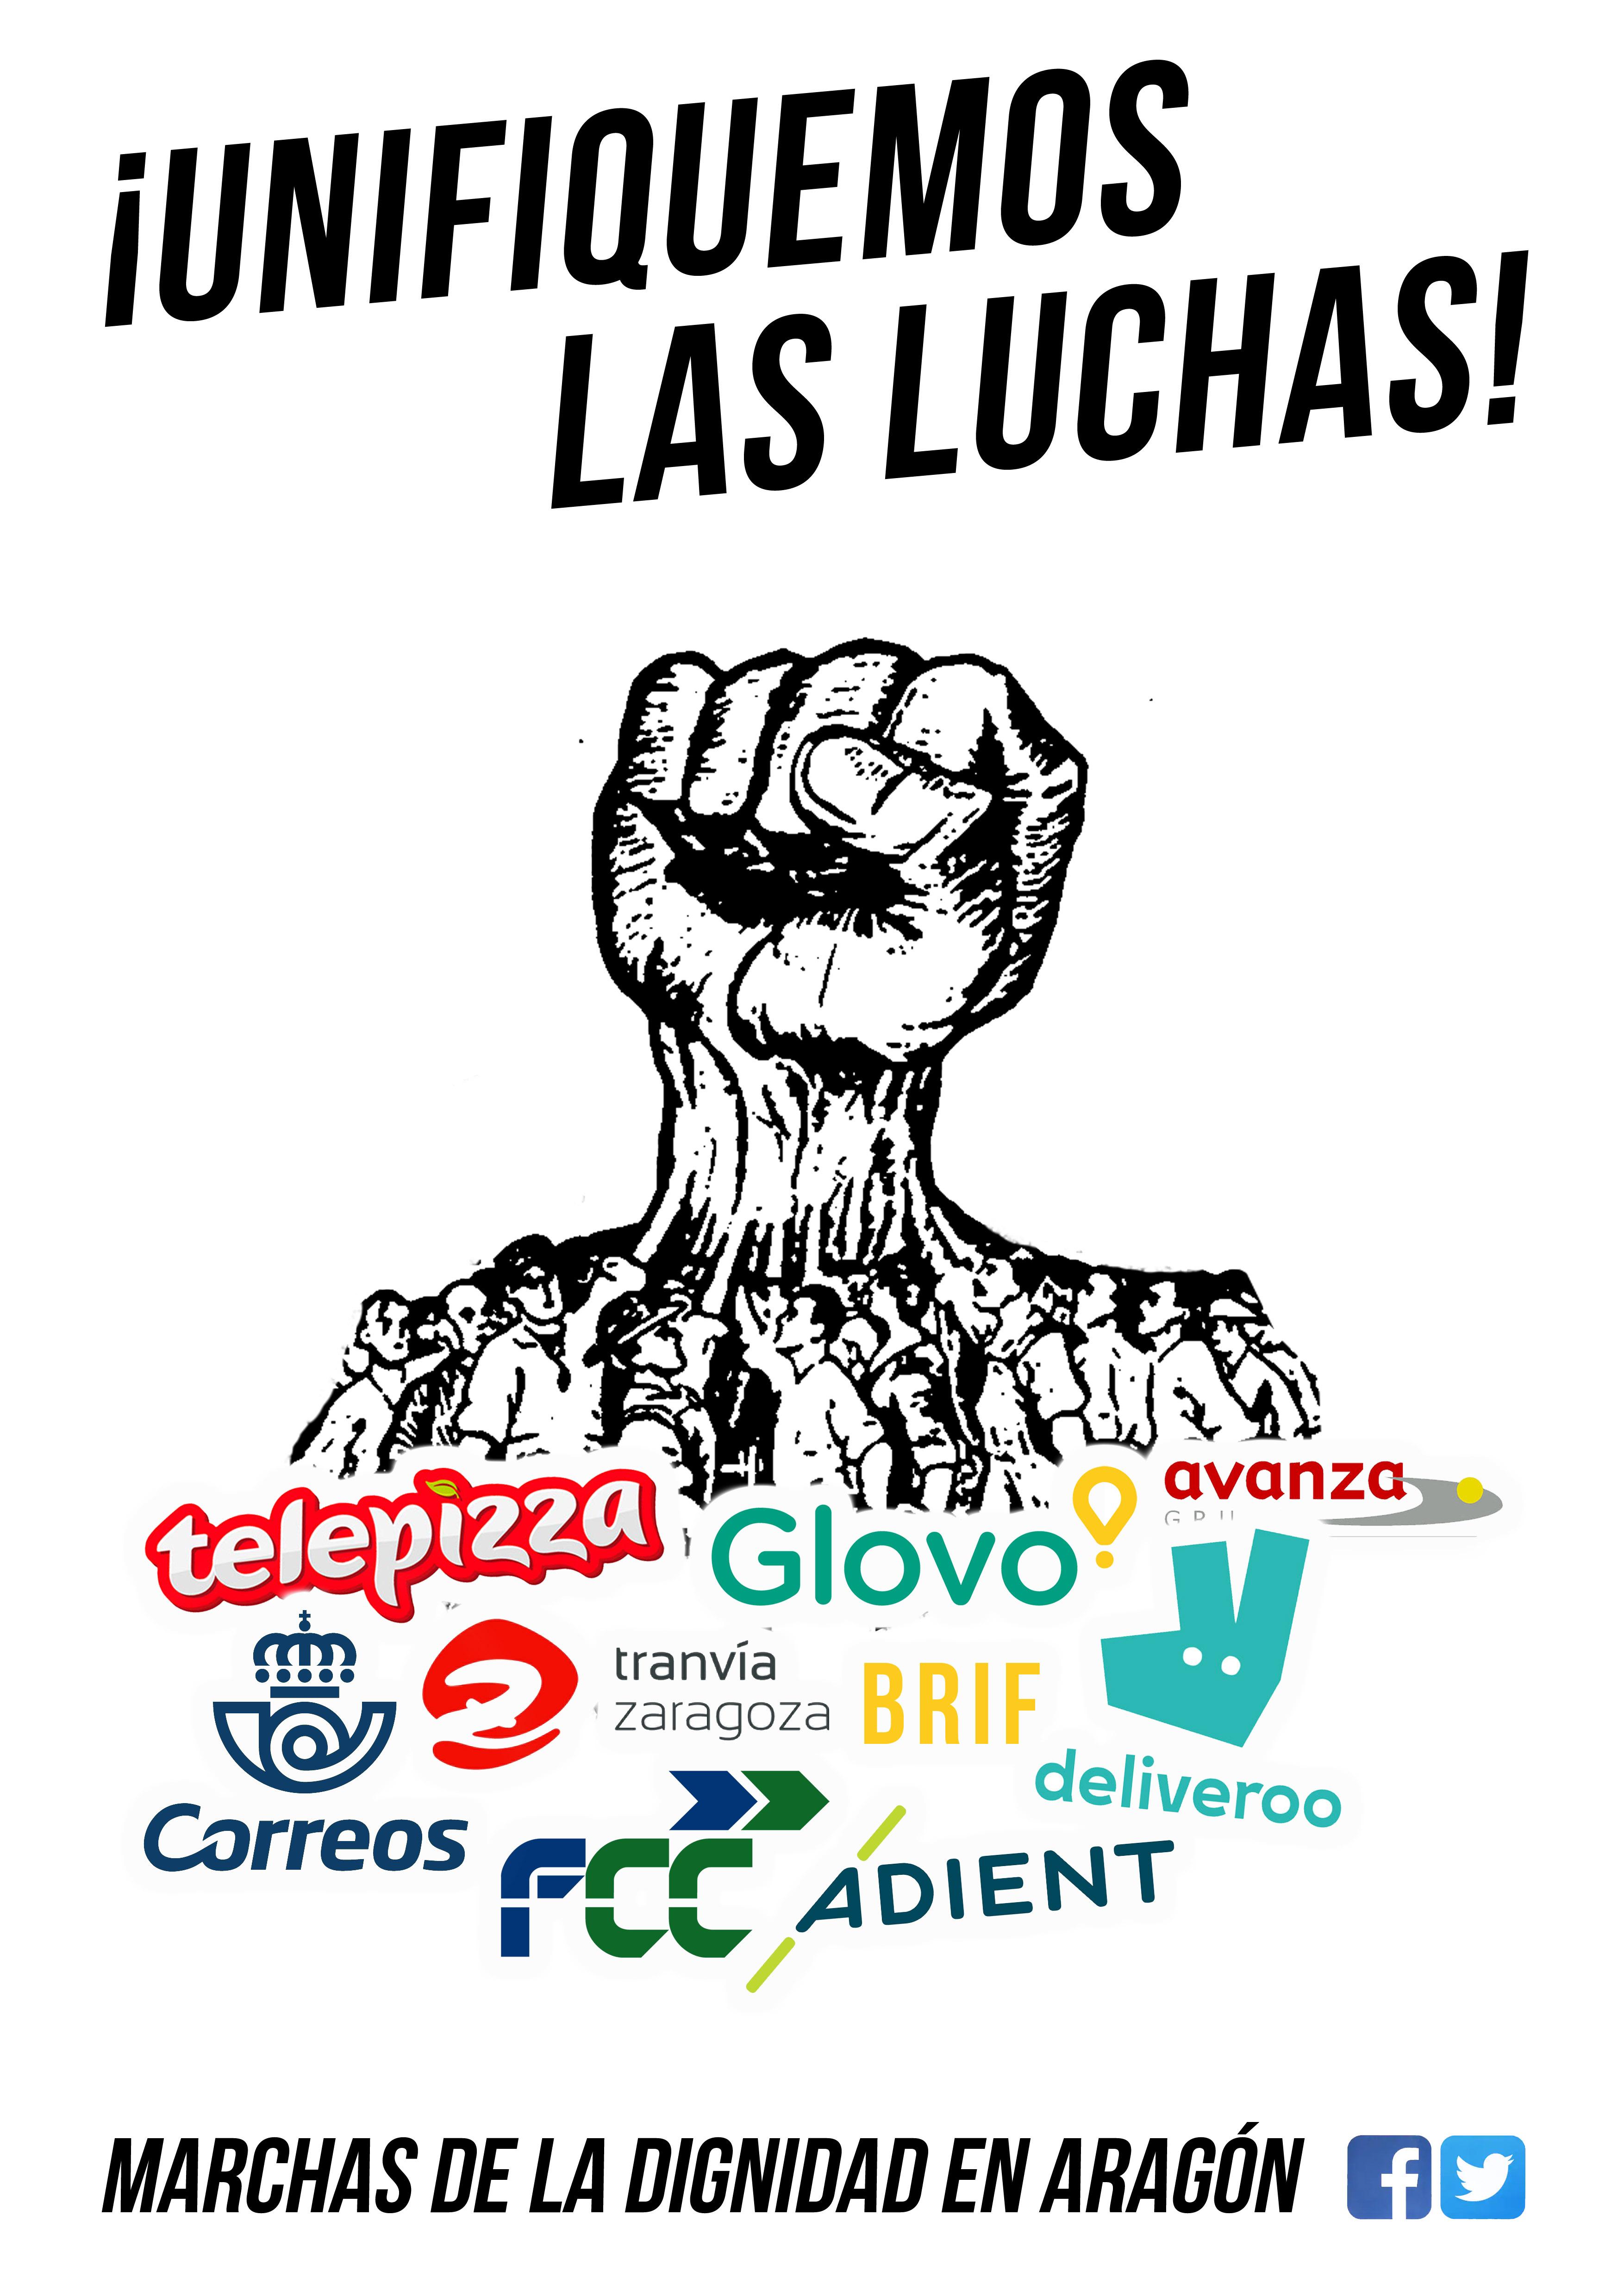 Llamamiento a la unificación de las luchas y en apoyo a los trabajadores de Telepizza.